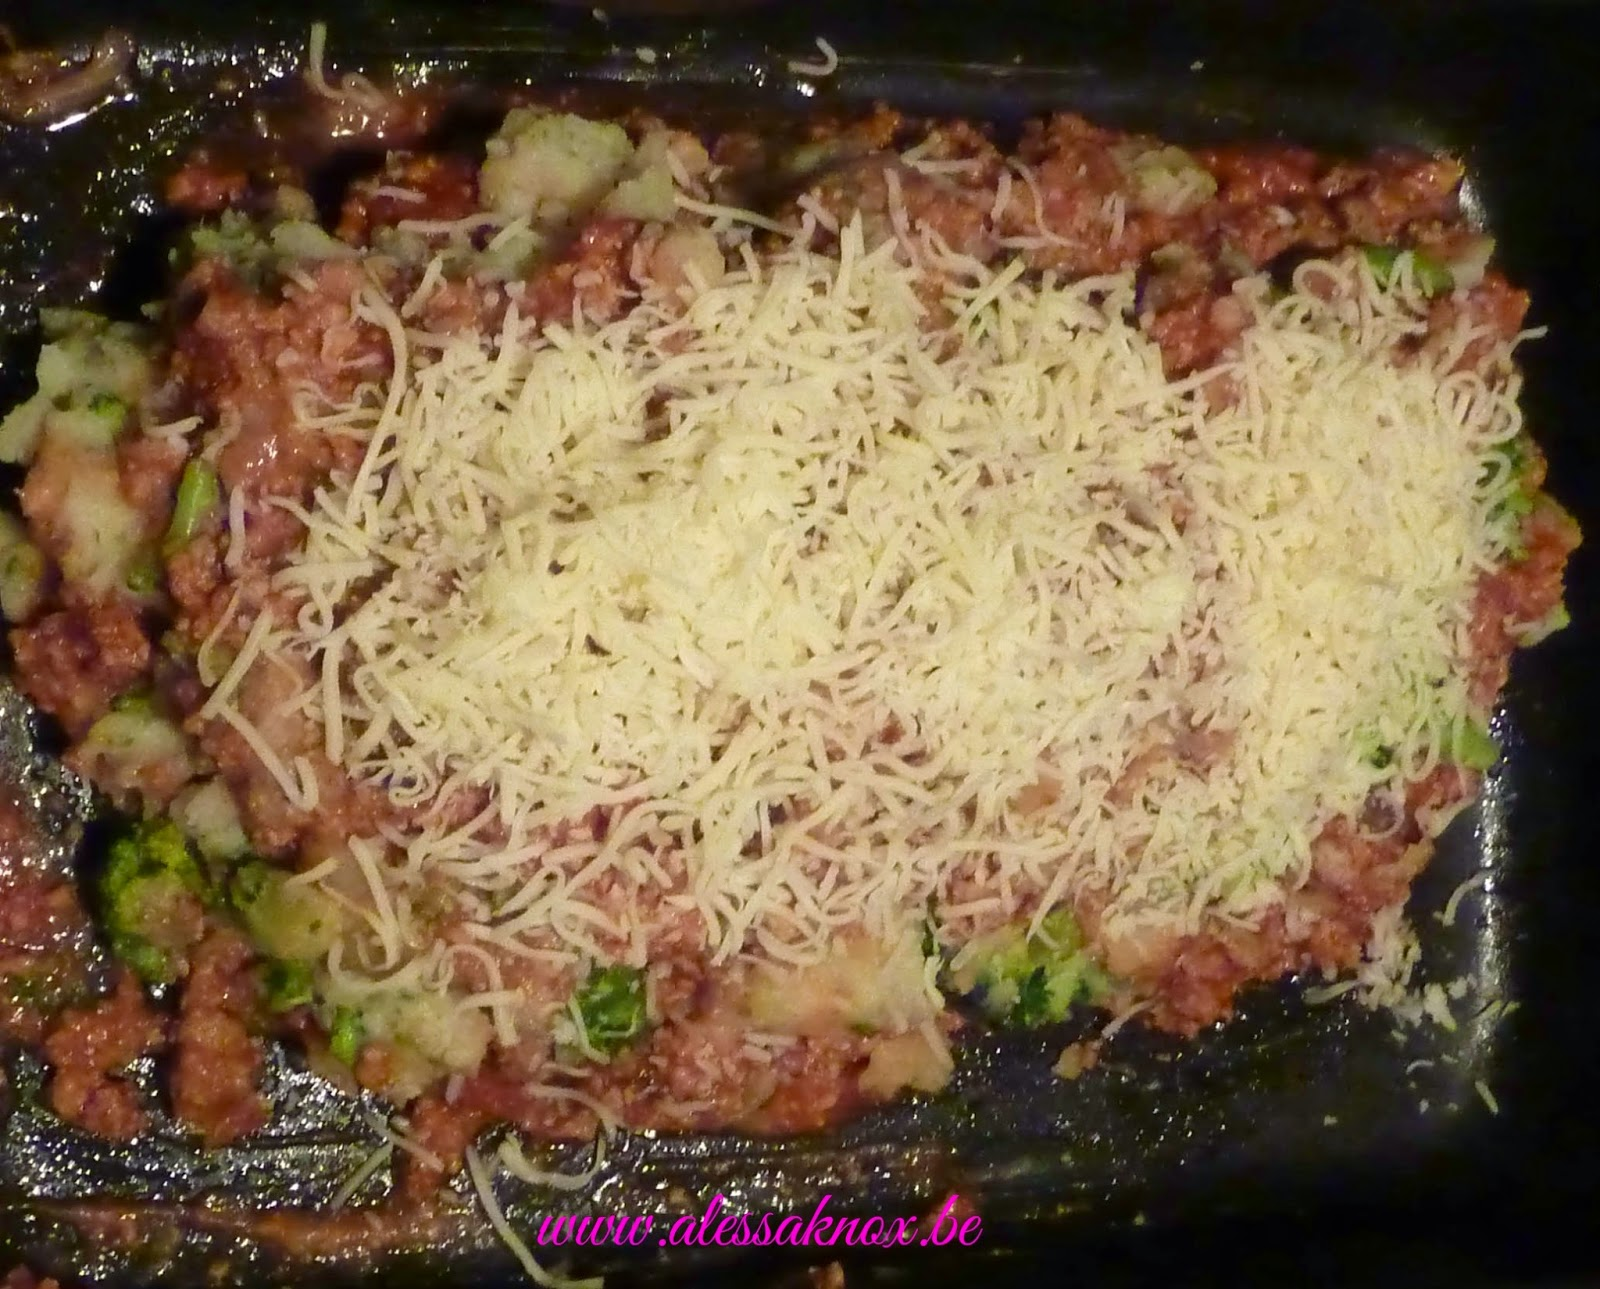 tomates, brocoli, pommes de terre, viande hachée